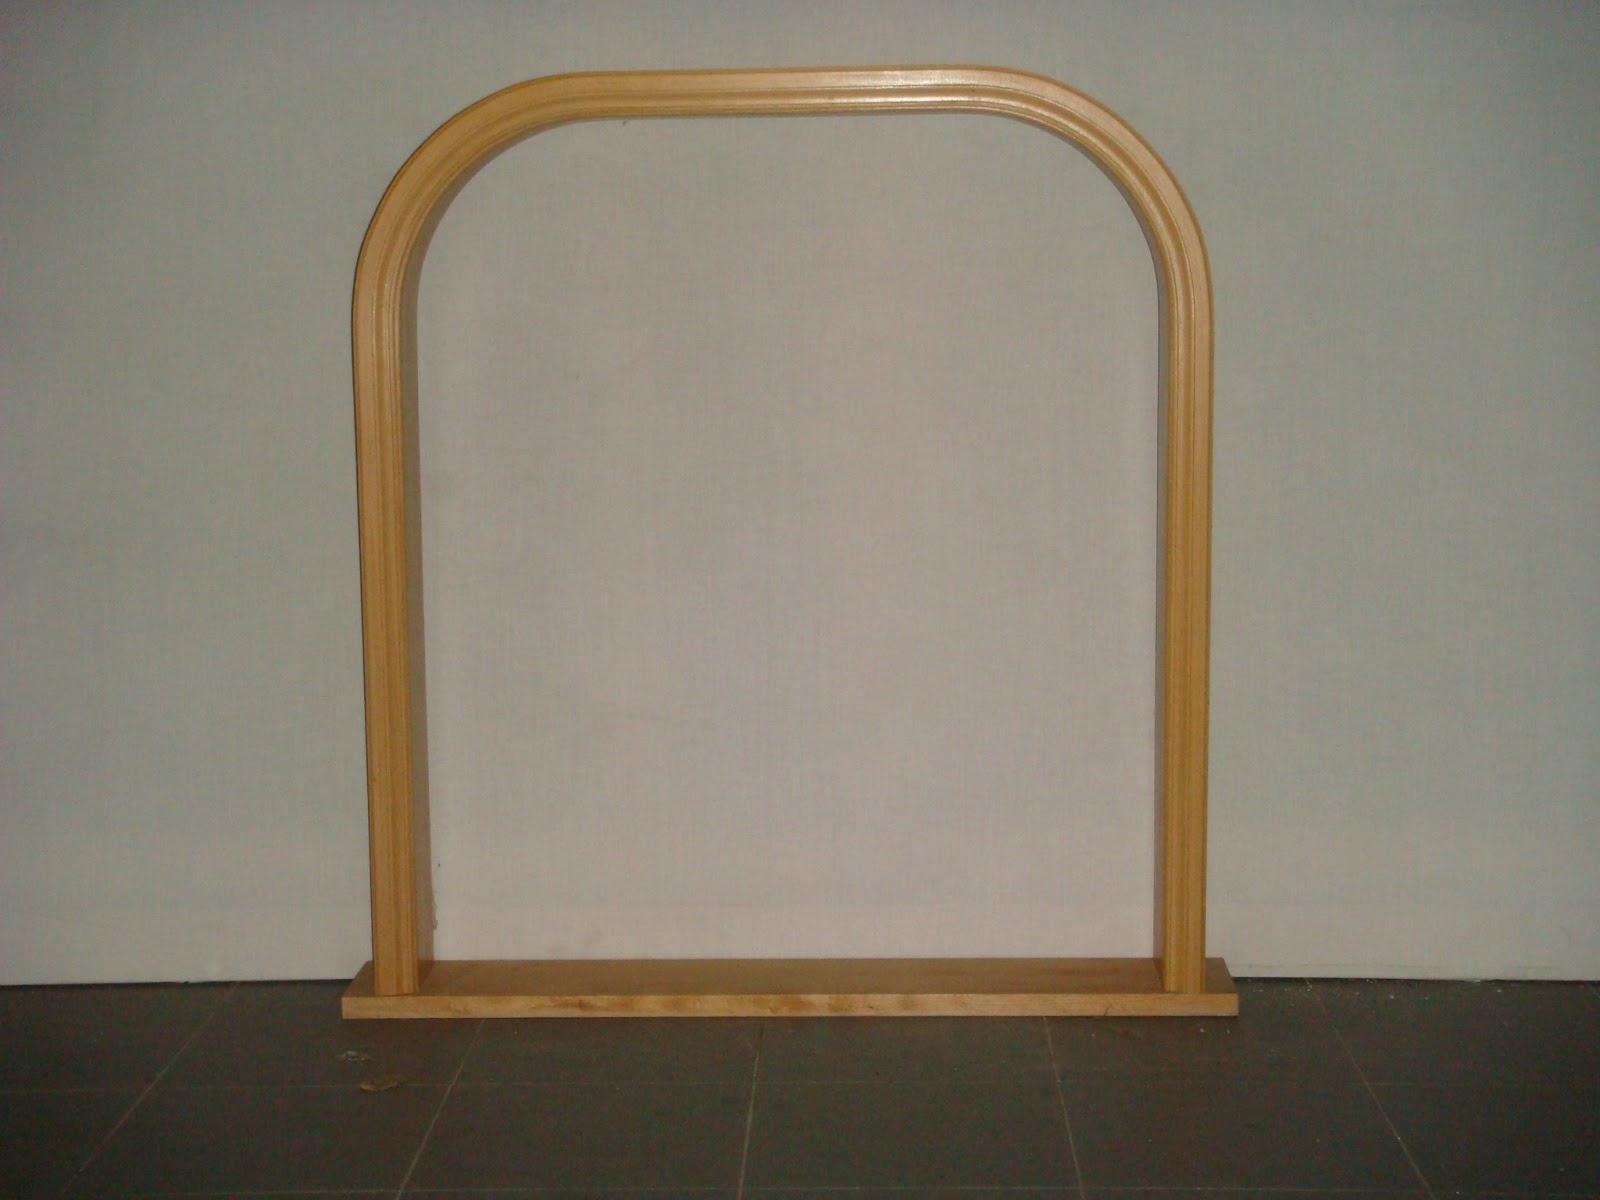 #6E4D2B Arco de volta abatida inteiro em madeira maciça. 1372 Preços De Janelas De Madeira Em Volta Redonda